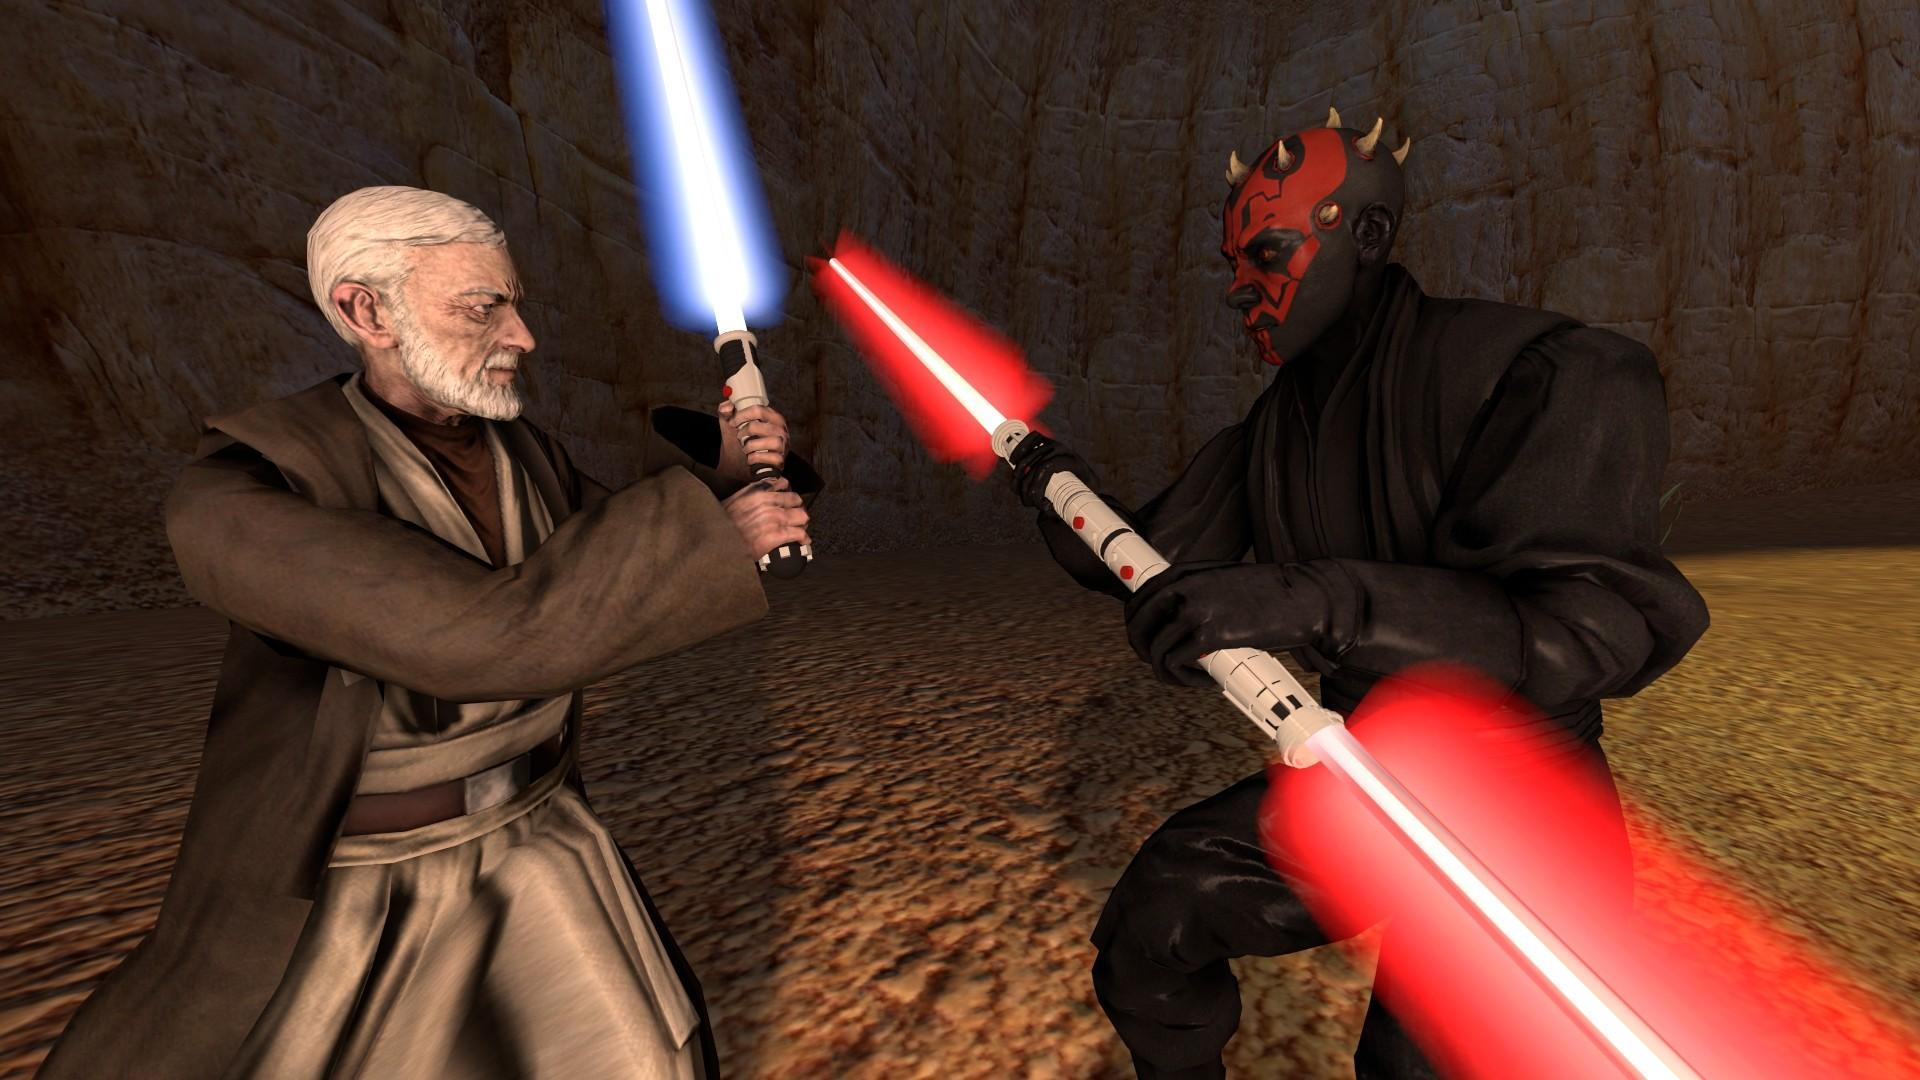 Anakin Skywalker And Obi Wan Kenobi Wallpapers Wallpaper Cave